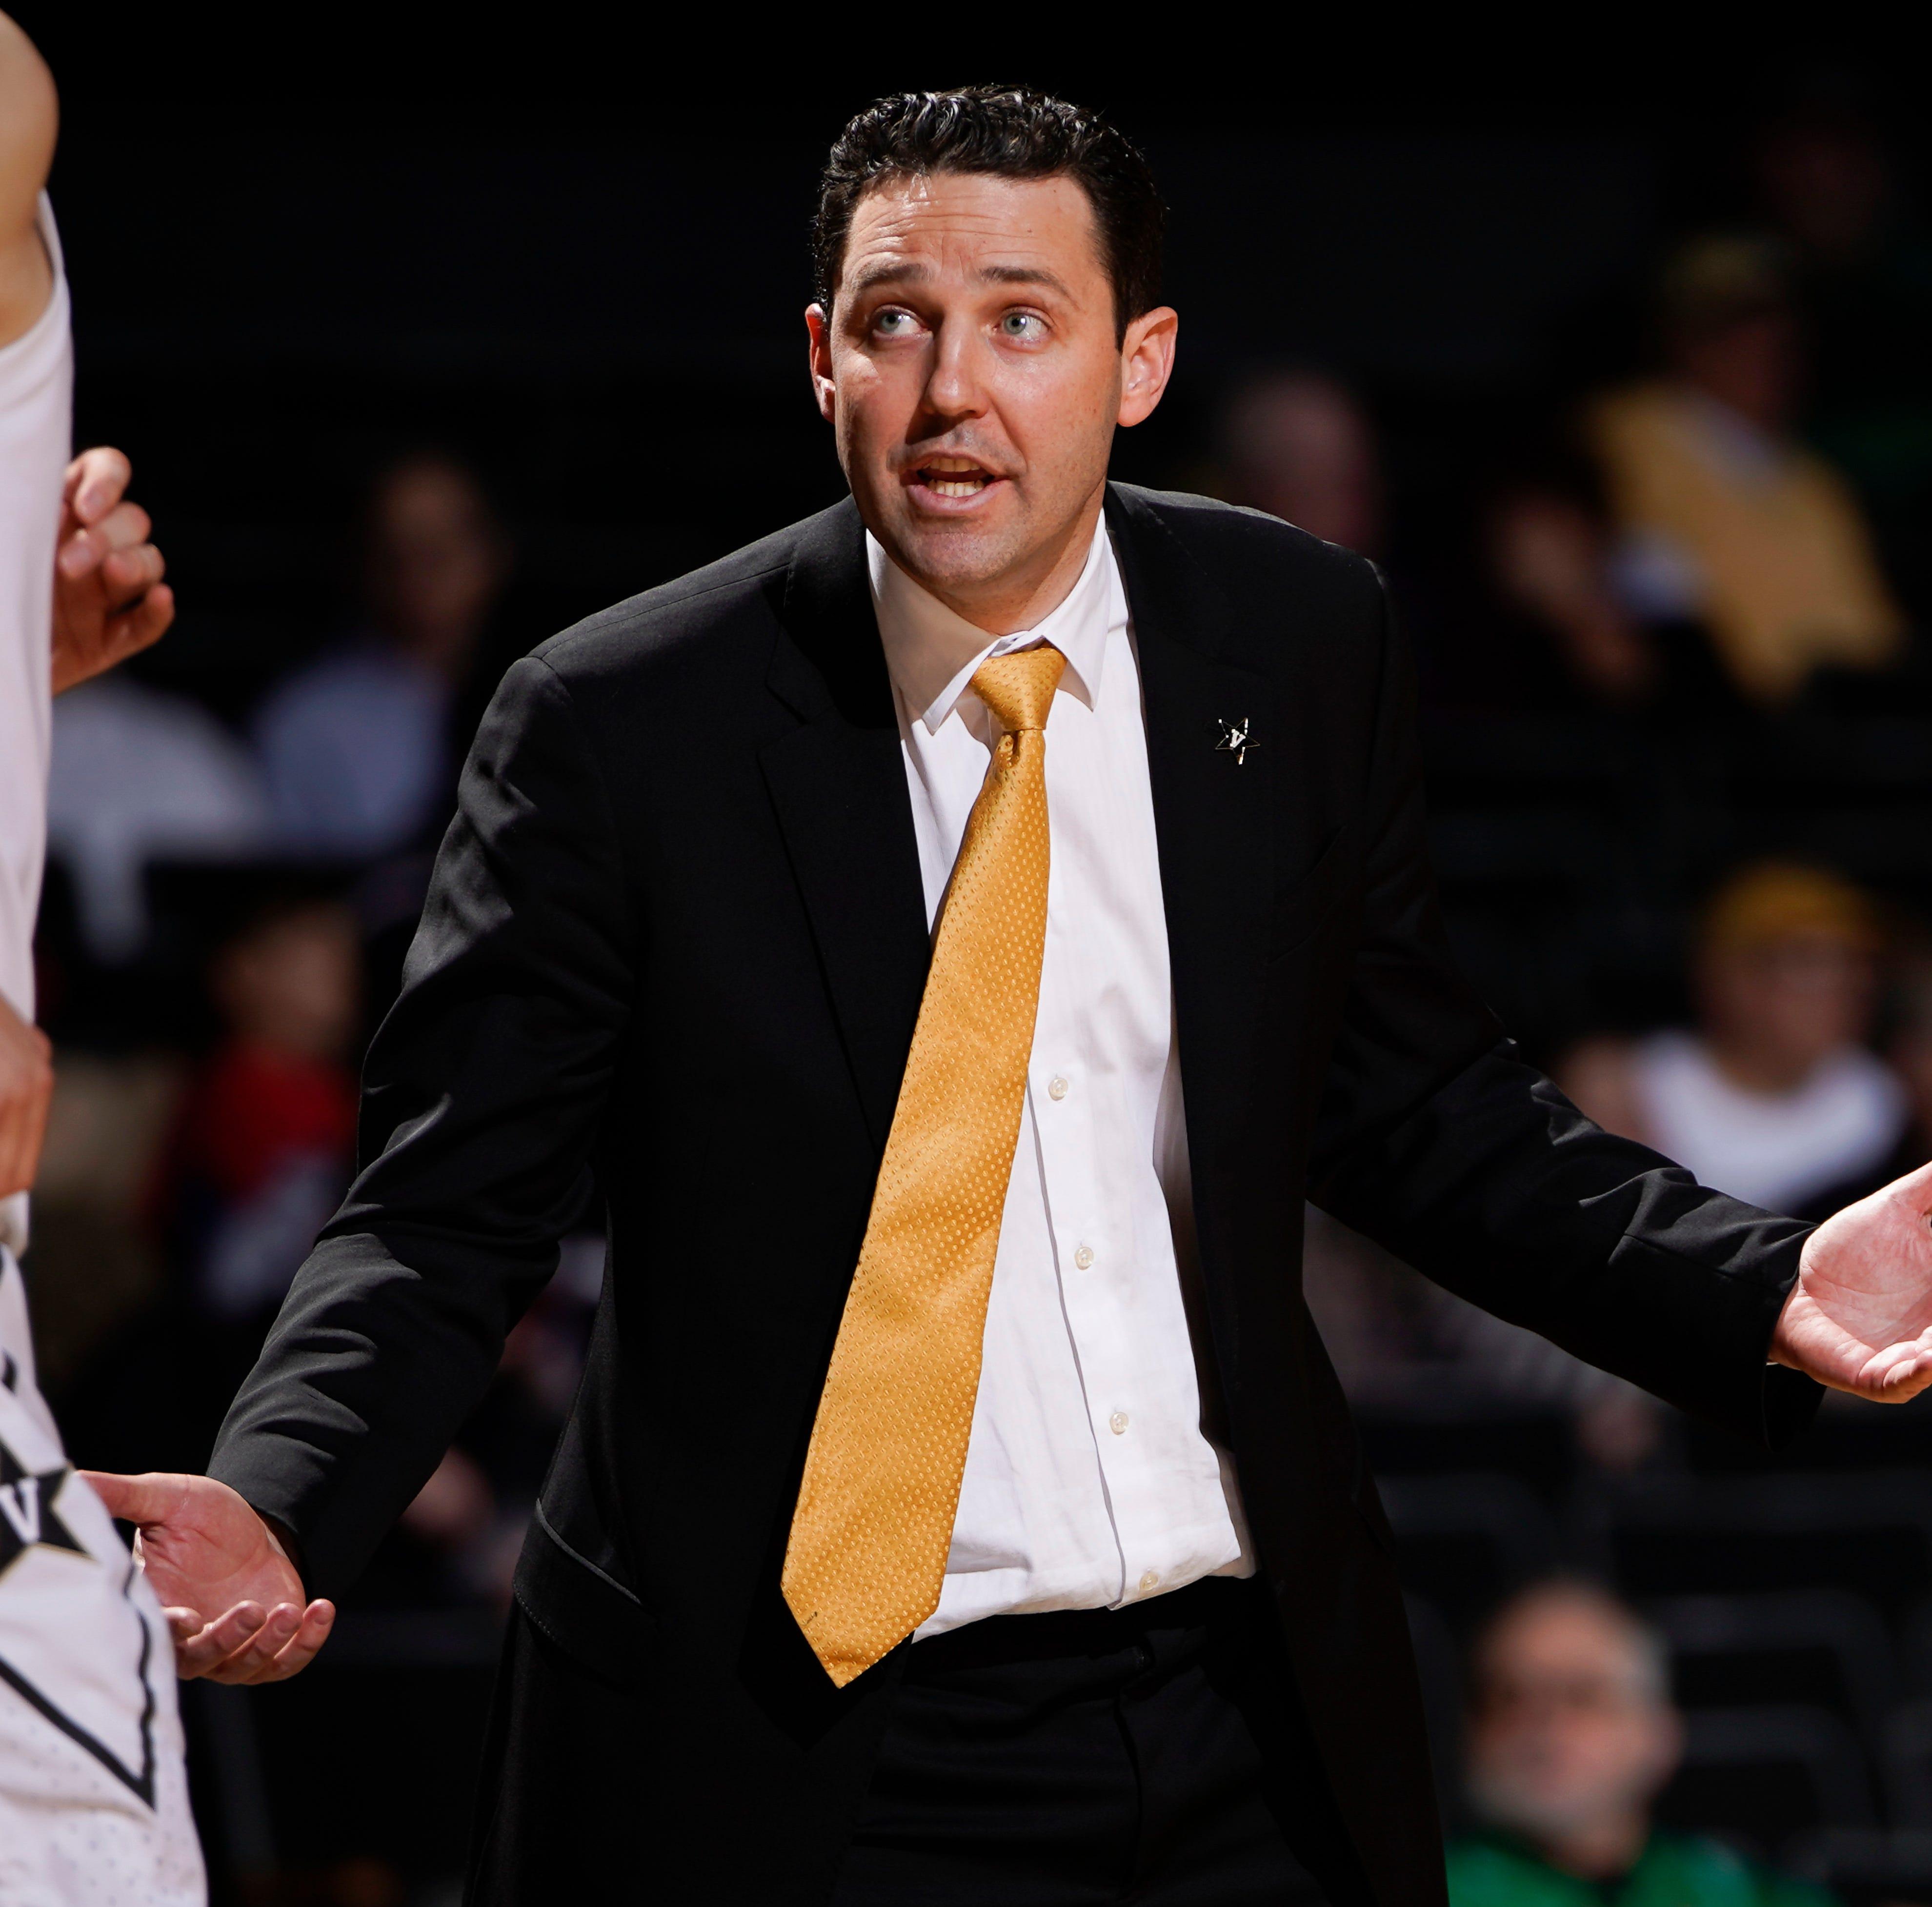 Could Vanderbilt fire basketball coach Bryce Drew after dreadful season?